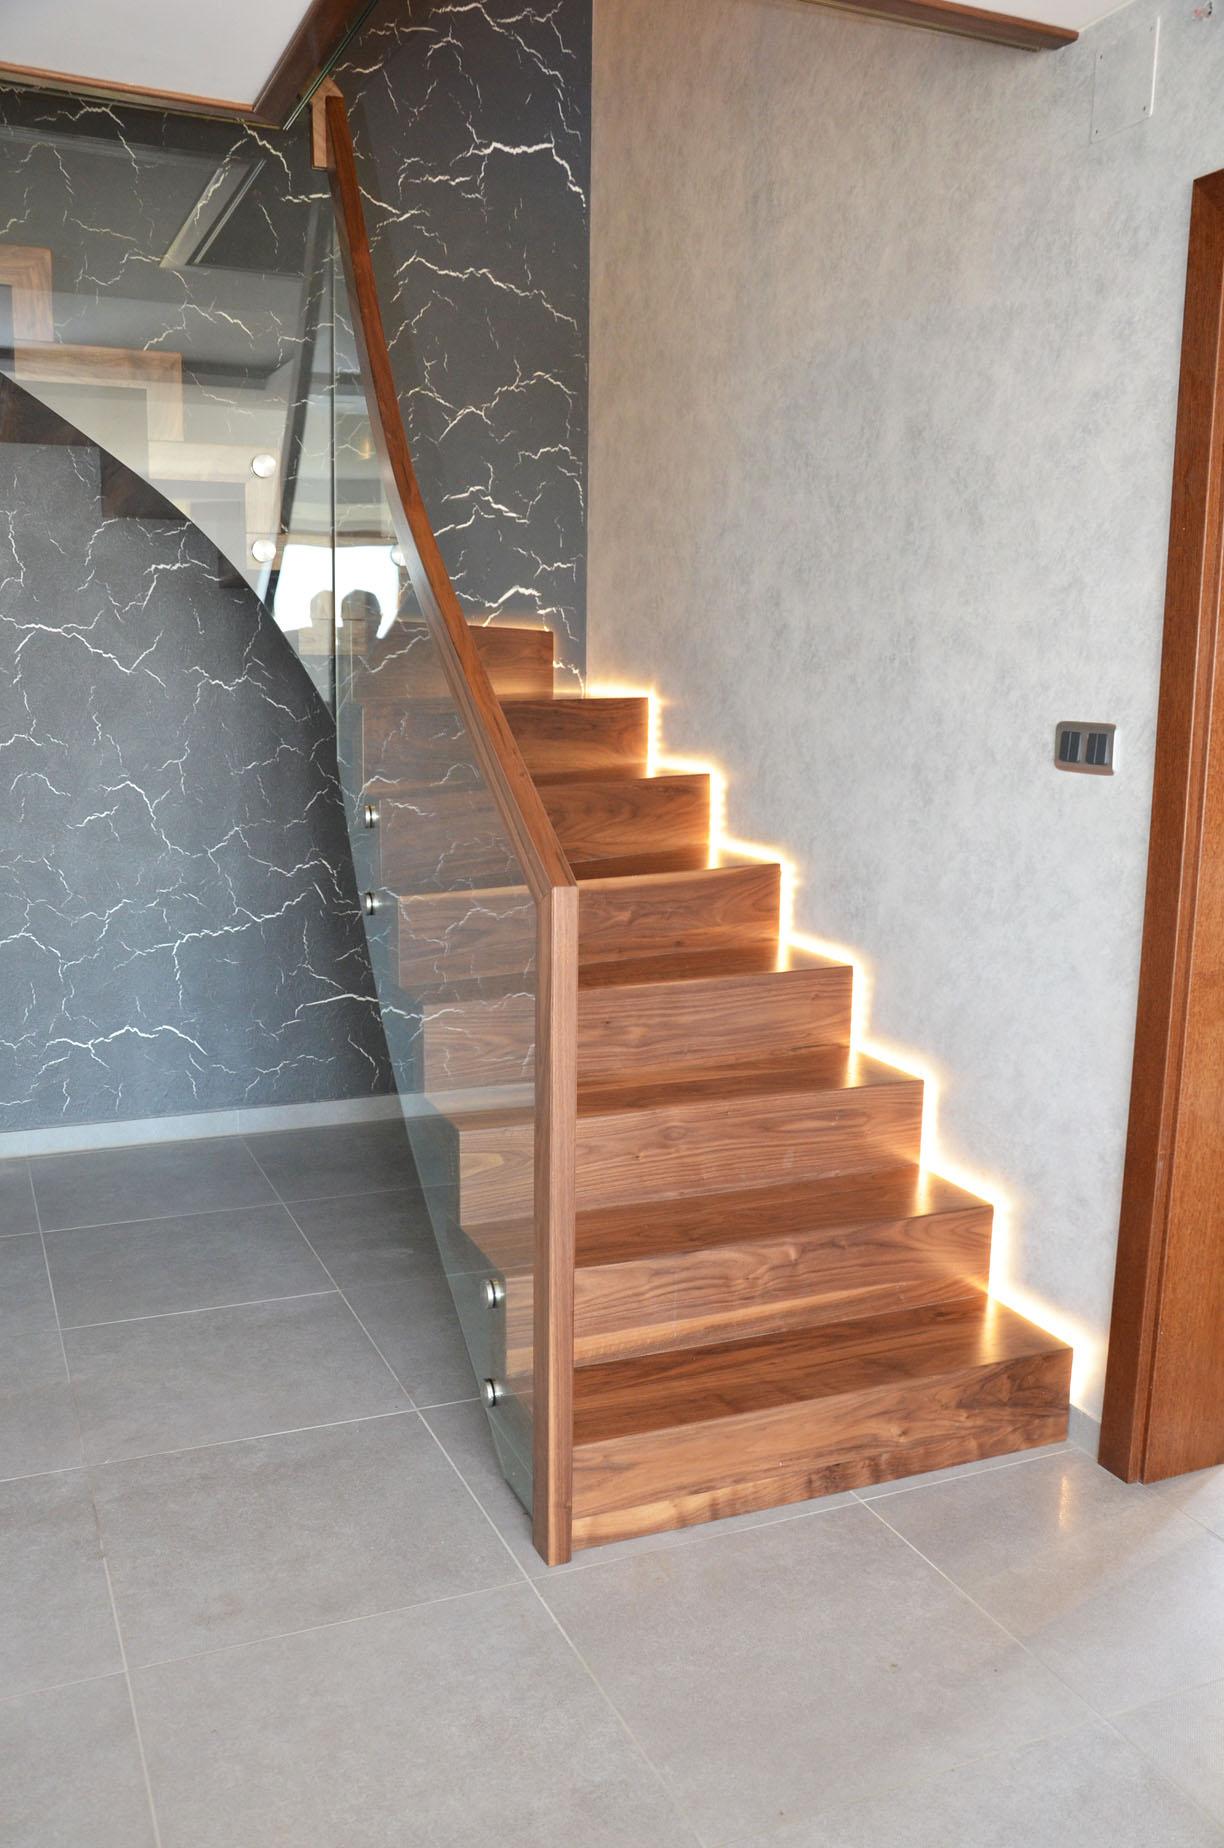 ab-schody-dywanowe-z-orzecha-amerykanskiego-2